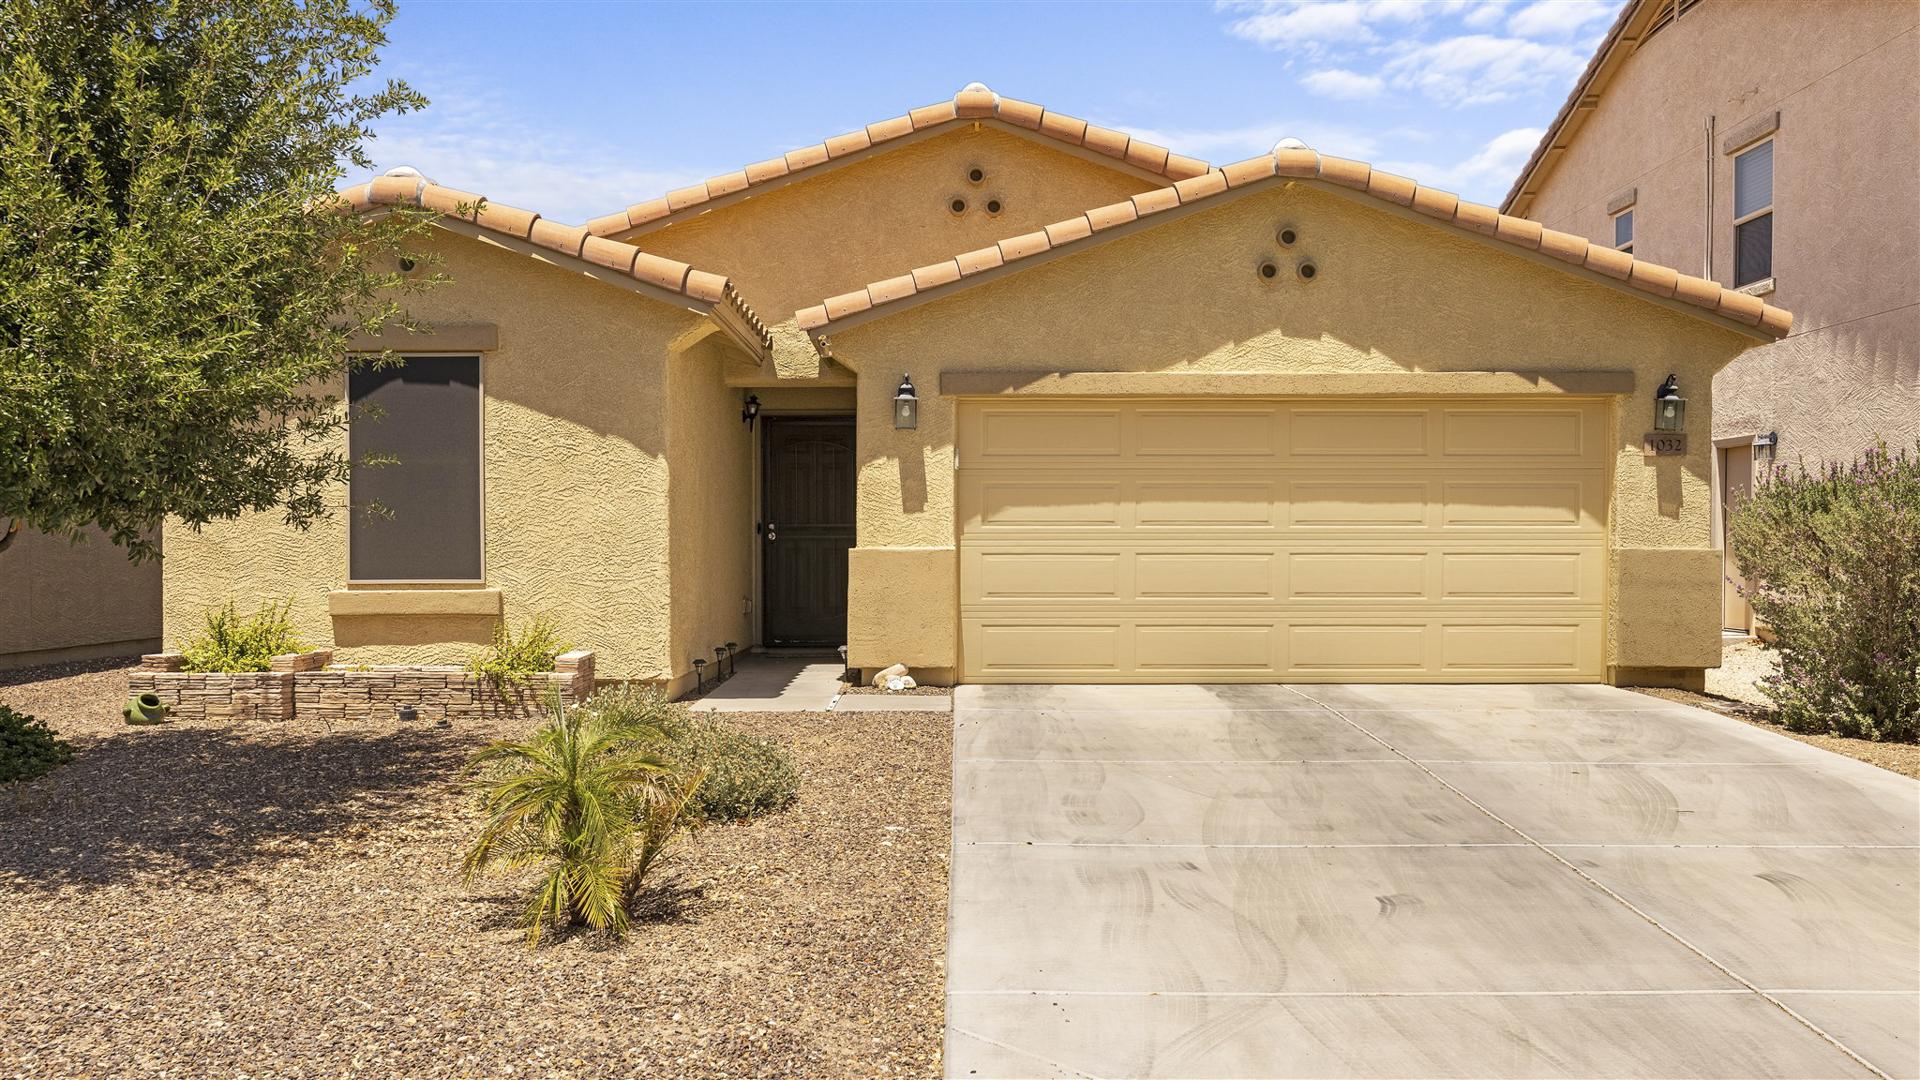 NEW LISTING - 1032 E Daniella Drive, San Tan Valley, AZ 85140 - Pecan Creek South | Amy Jones Group